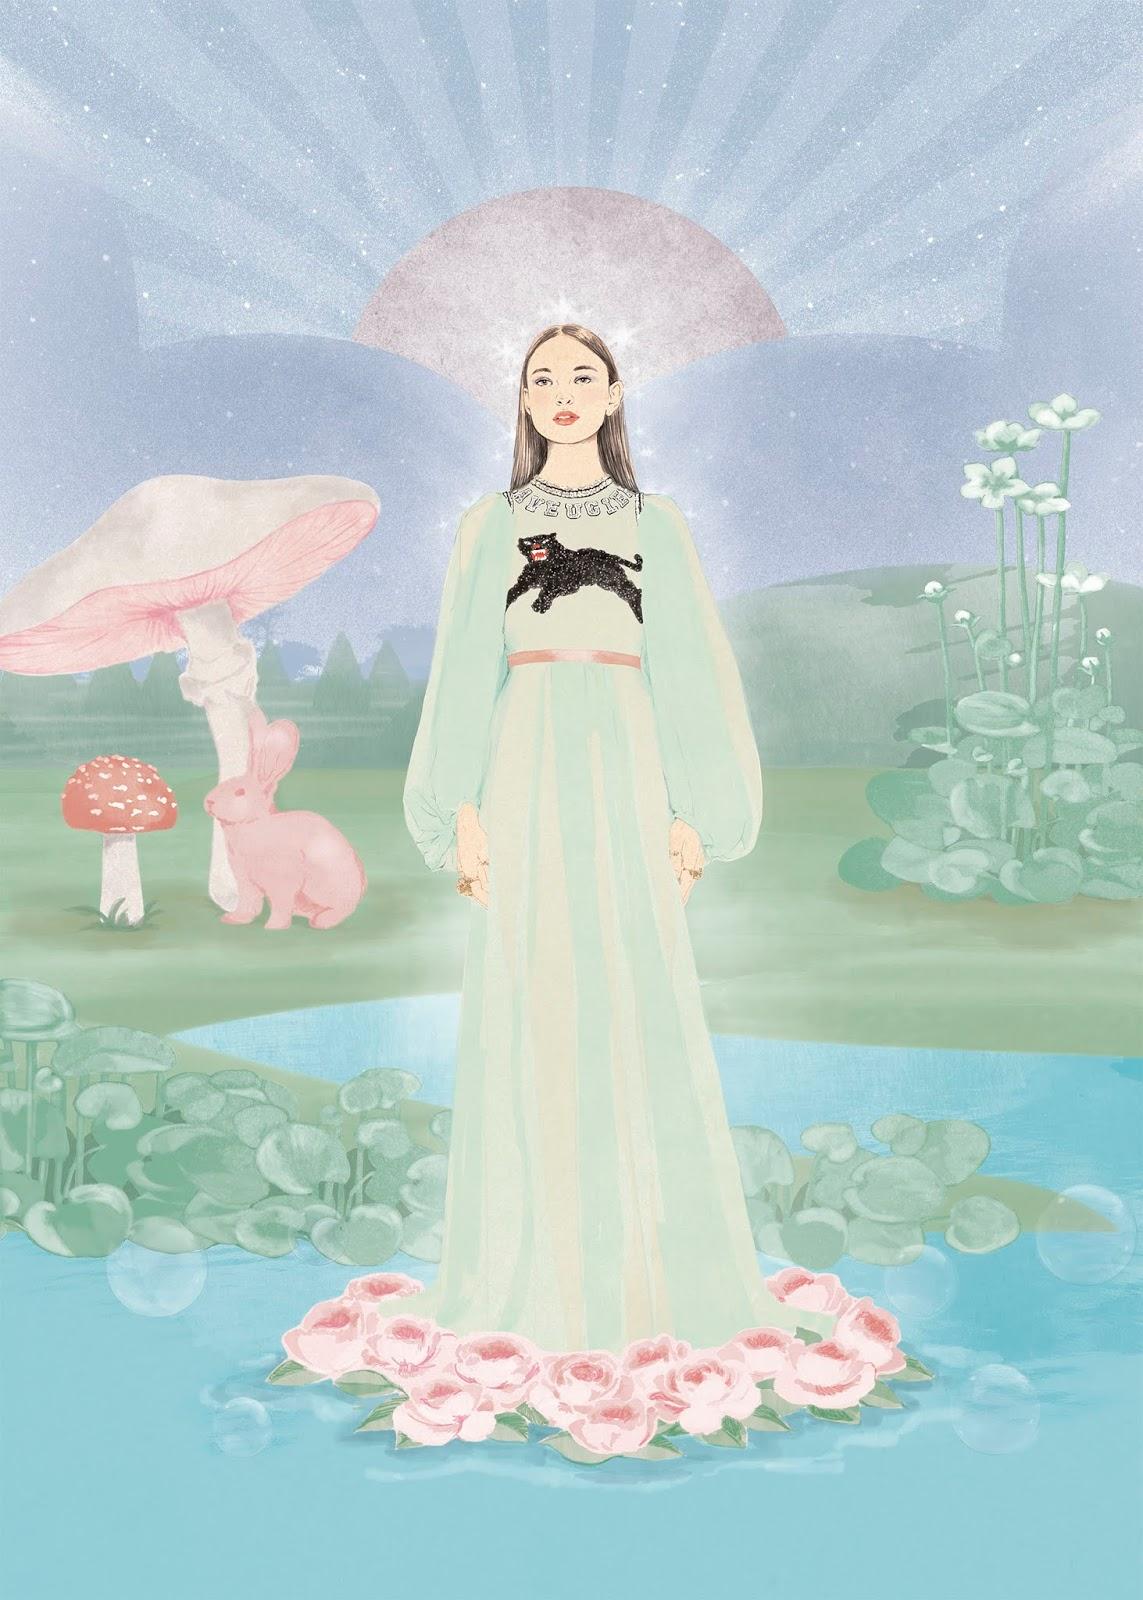 Ilustración Paula Blanche de joven virginal en medio de lago sobre descanso de flores